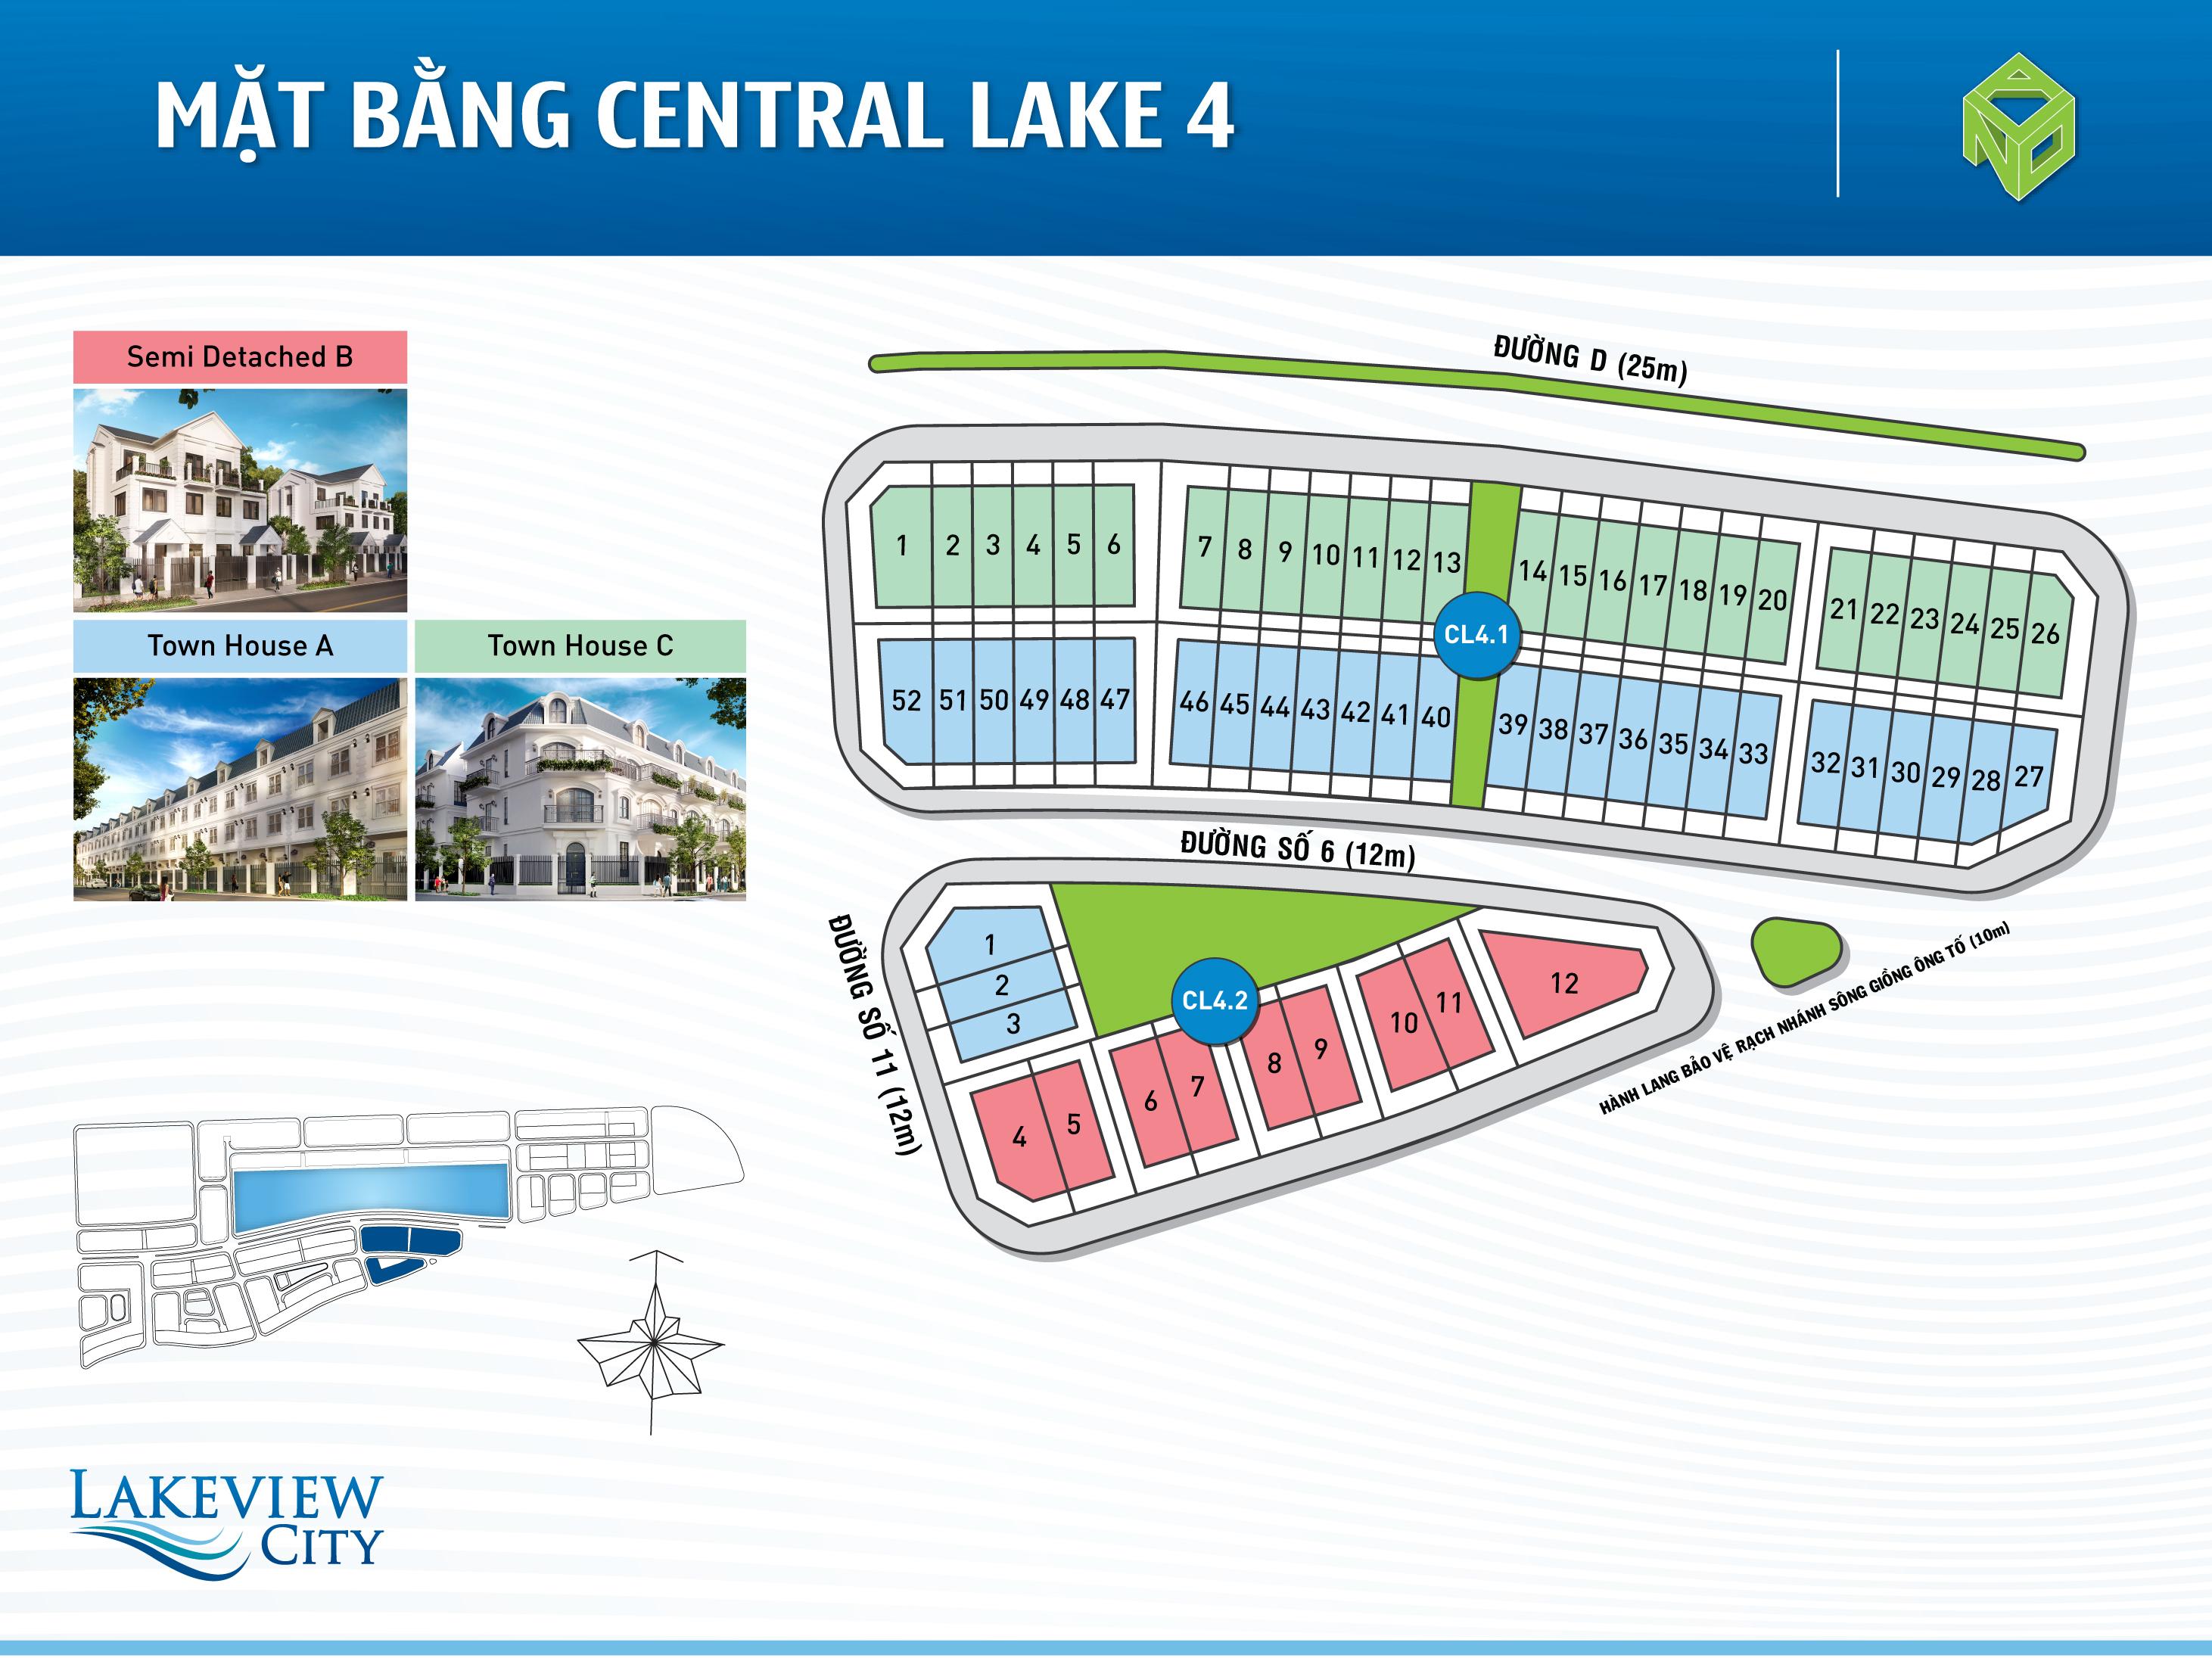 Mặt bằng Central Lake 4 dự án Lakeview City